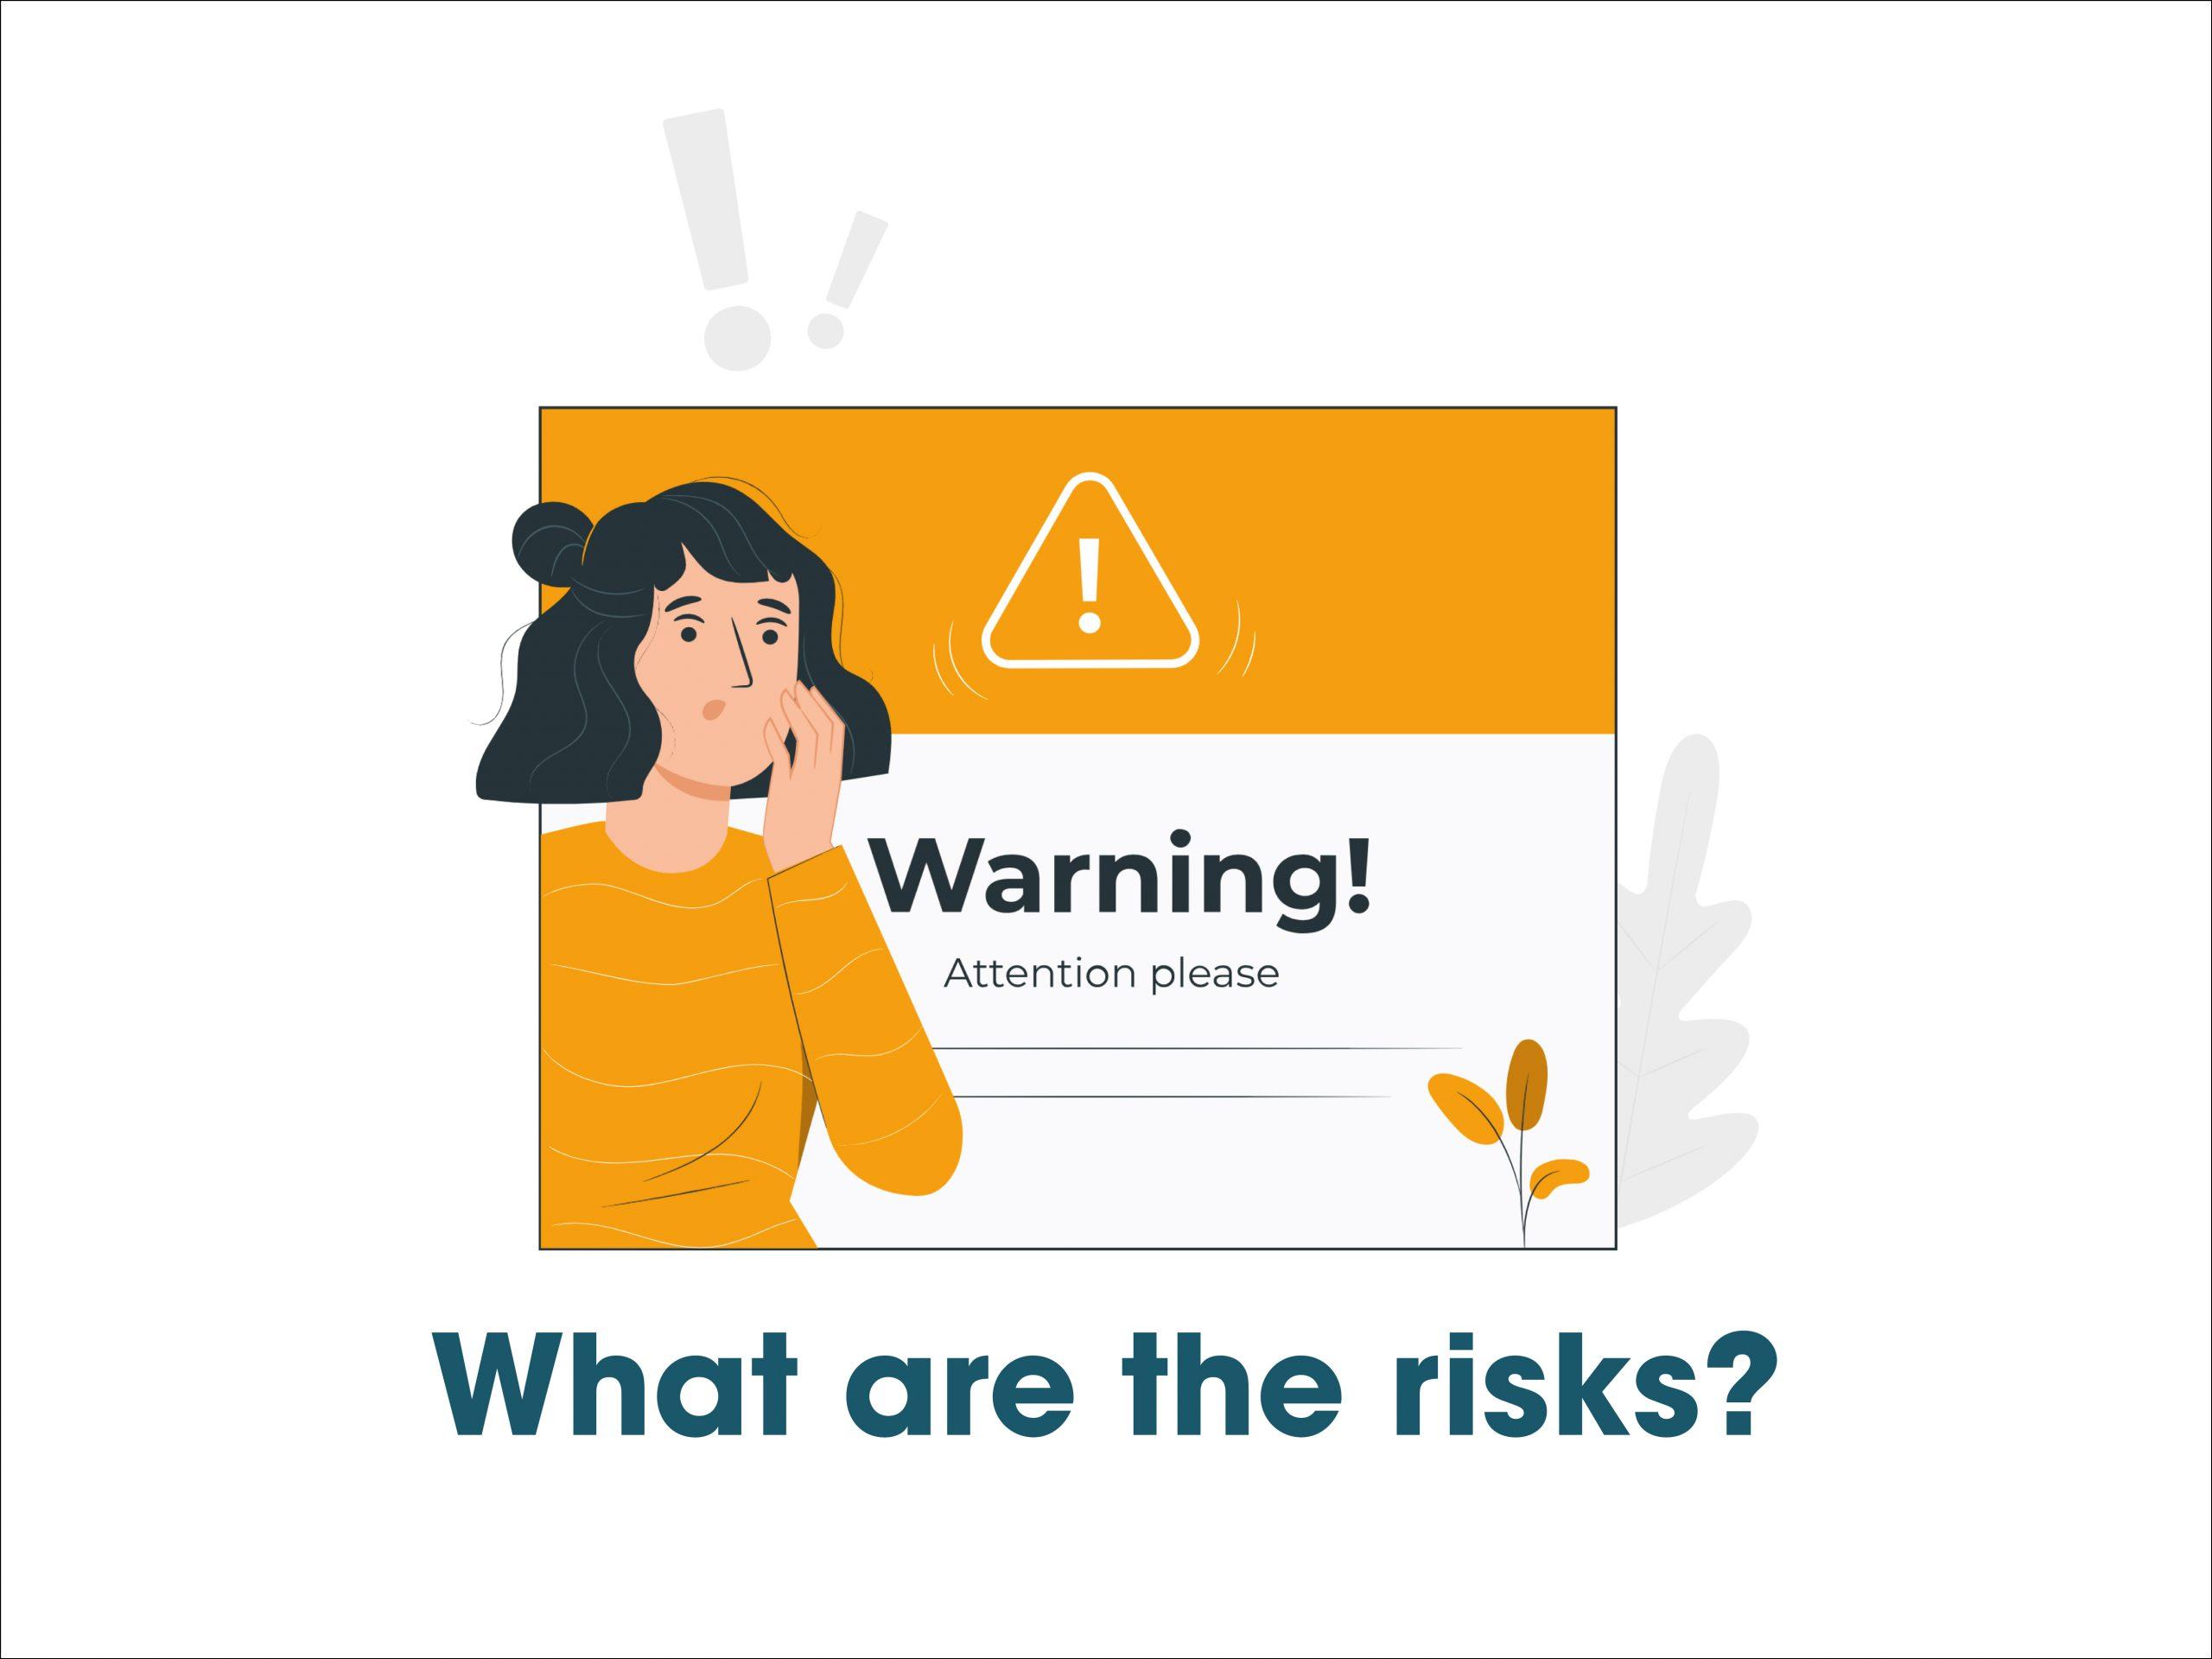 risks in digital marketing